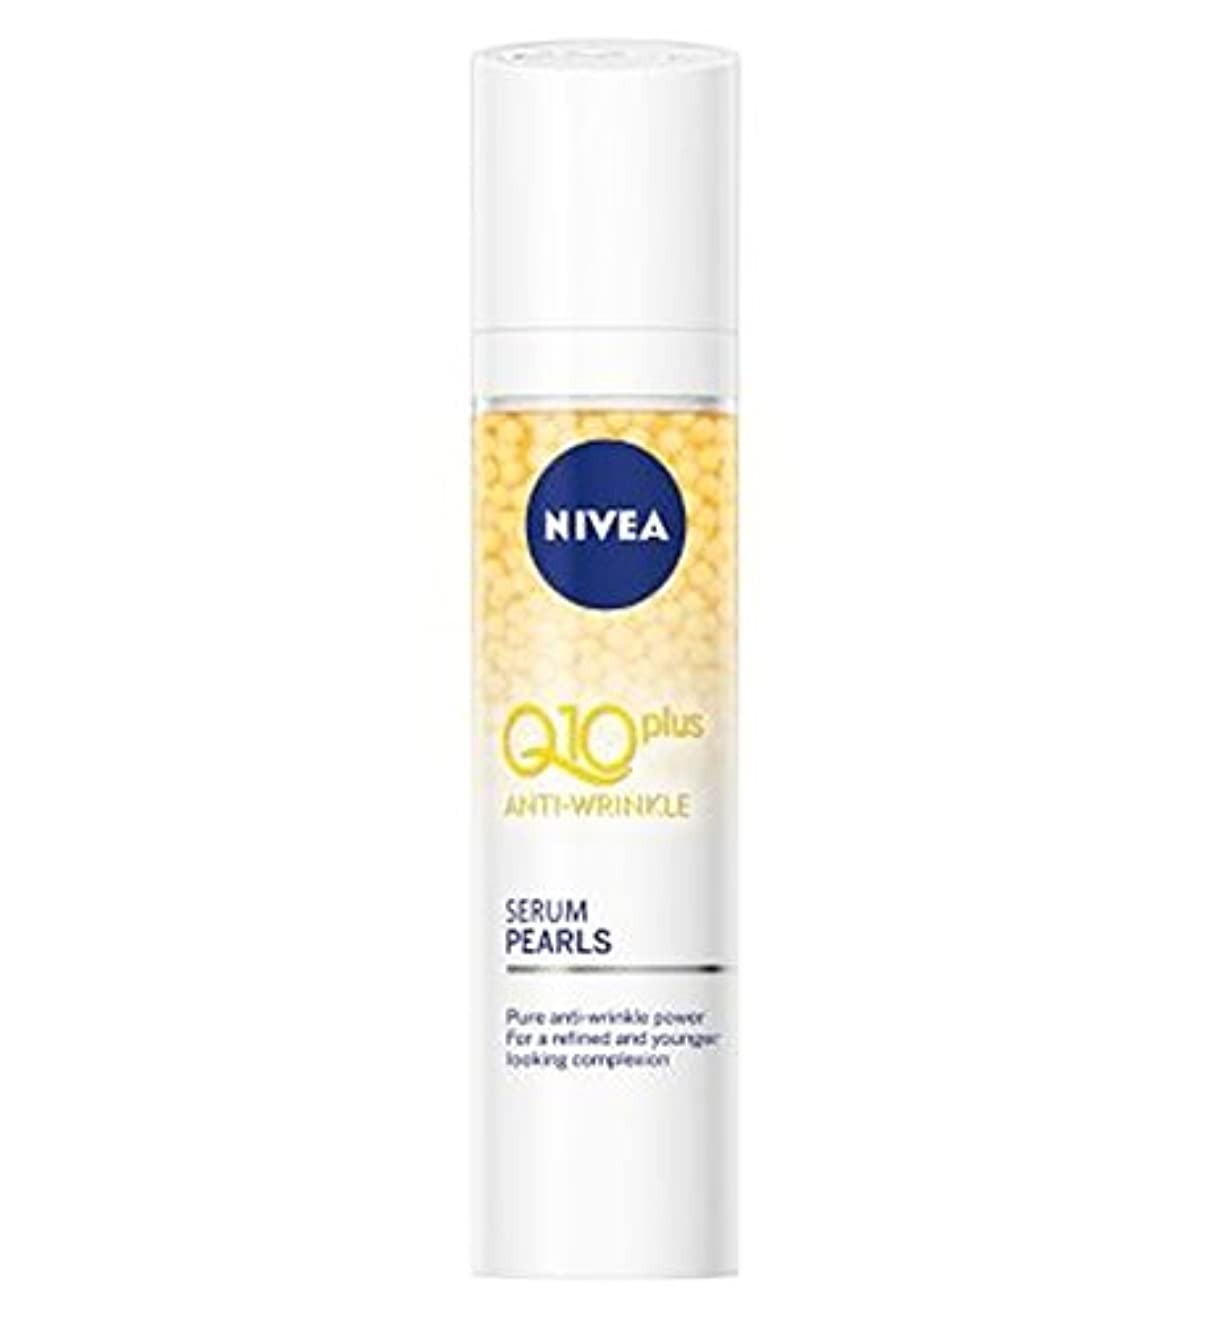 バリーくびれたネイティブNIVEA? Q10 Plus Anti-Wrinkle Serum Pearls 40ml - Nivea?Q10をプラス抗しわ血清真珠40ミリリットル (Nivea) [並行輸入品]